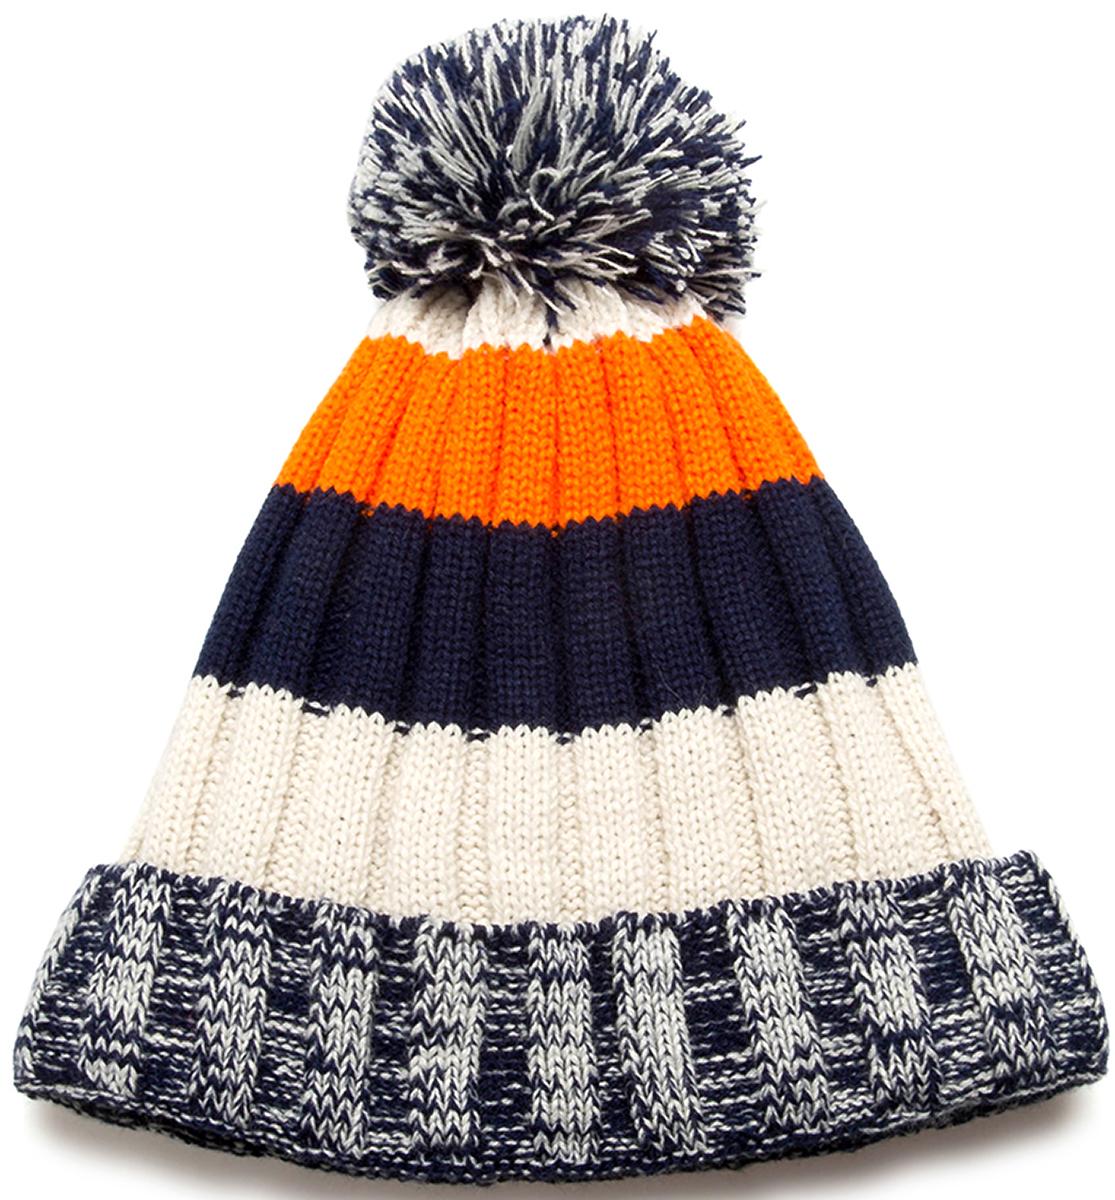 Шапка для мальчика Acoola Kleu, цвет: темно-синий, молочный, оранжевый. 20116400023. Размер M (52)20116400023Детская шапка от Acoola выполнена из натуральной акриловой пряжи и декорирована помпоном. Такая шапка согреет вашего ребенка в холодное время года.